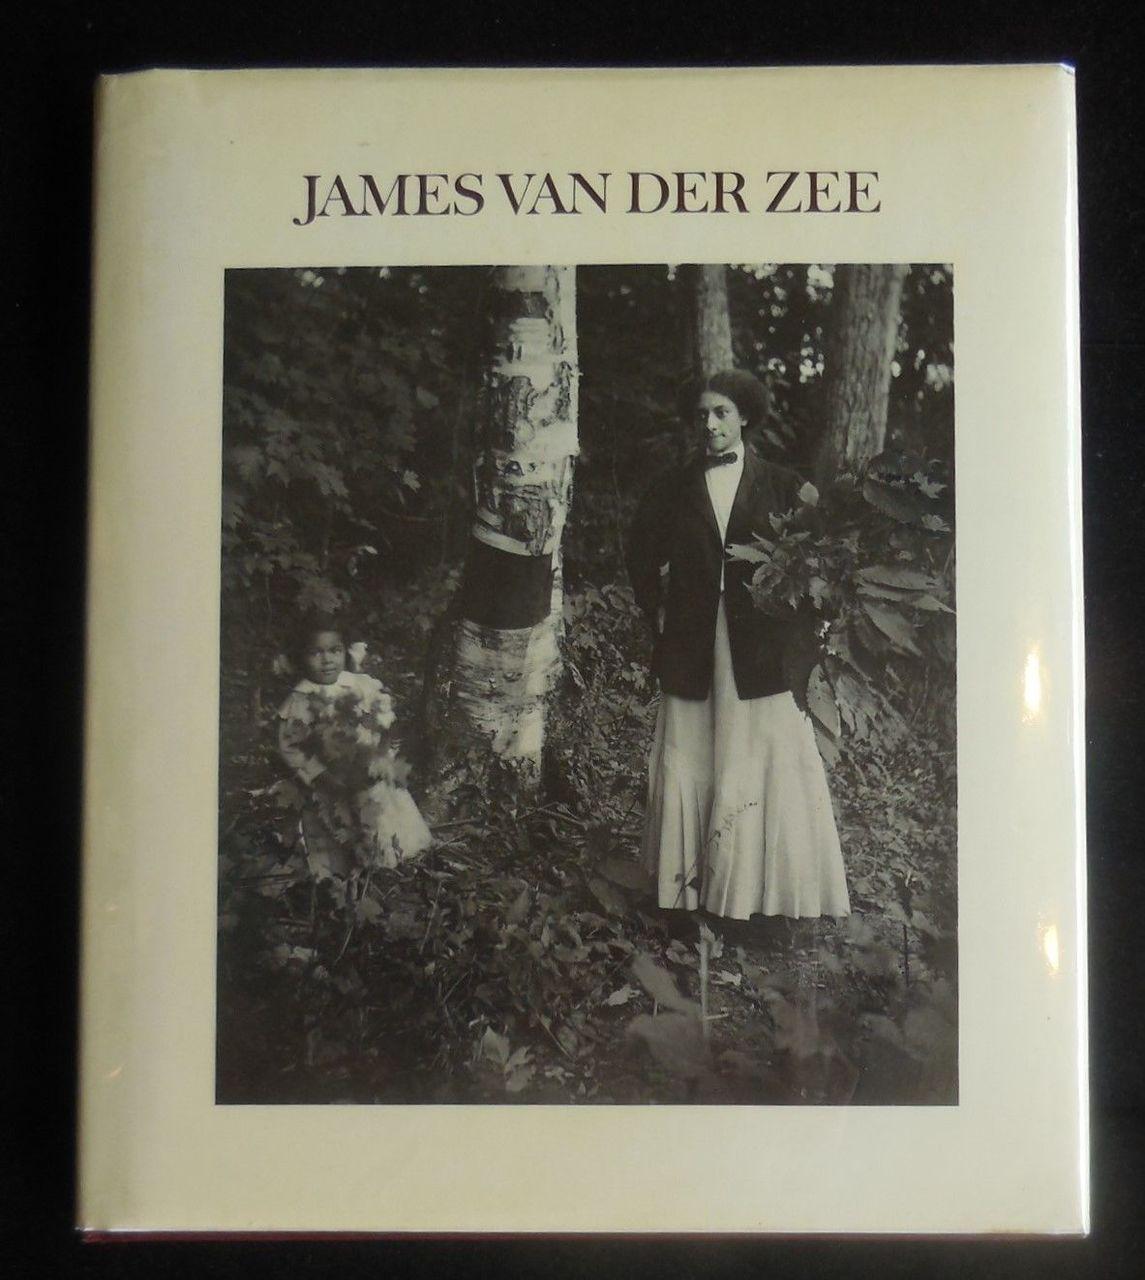 JAMES VAN DER ZEE, by J. Van Der Zee - 1974 [Signed]